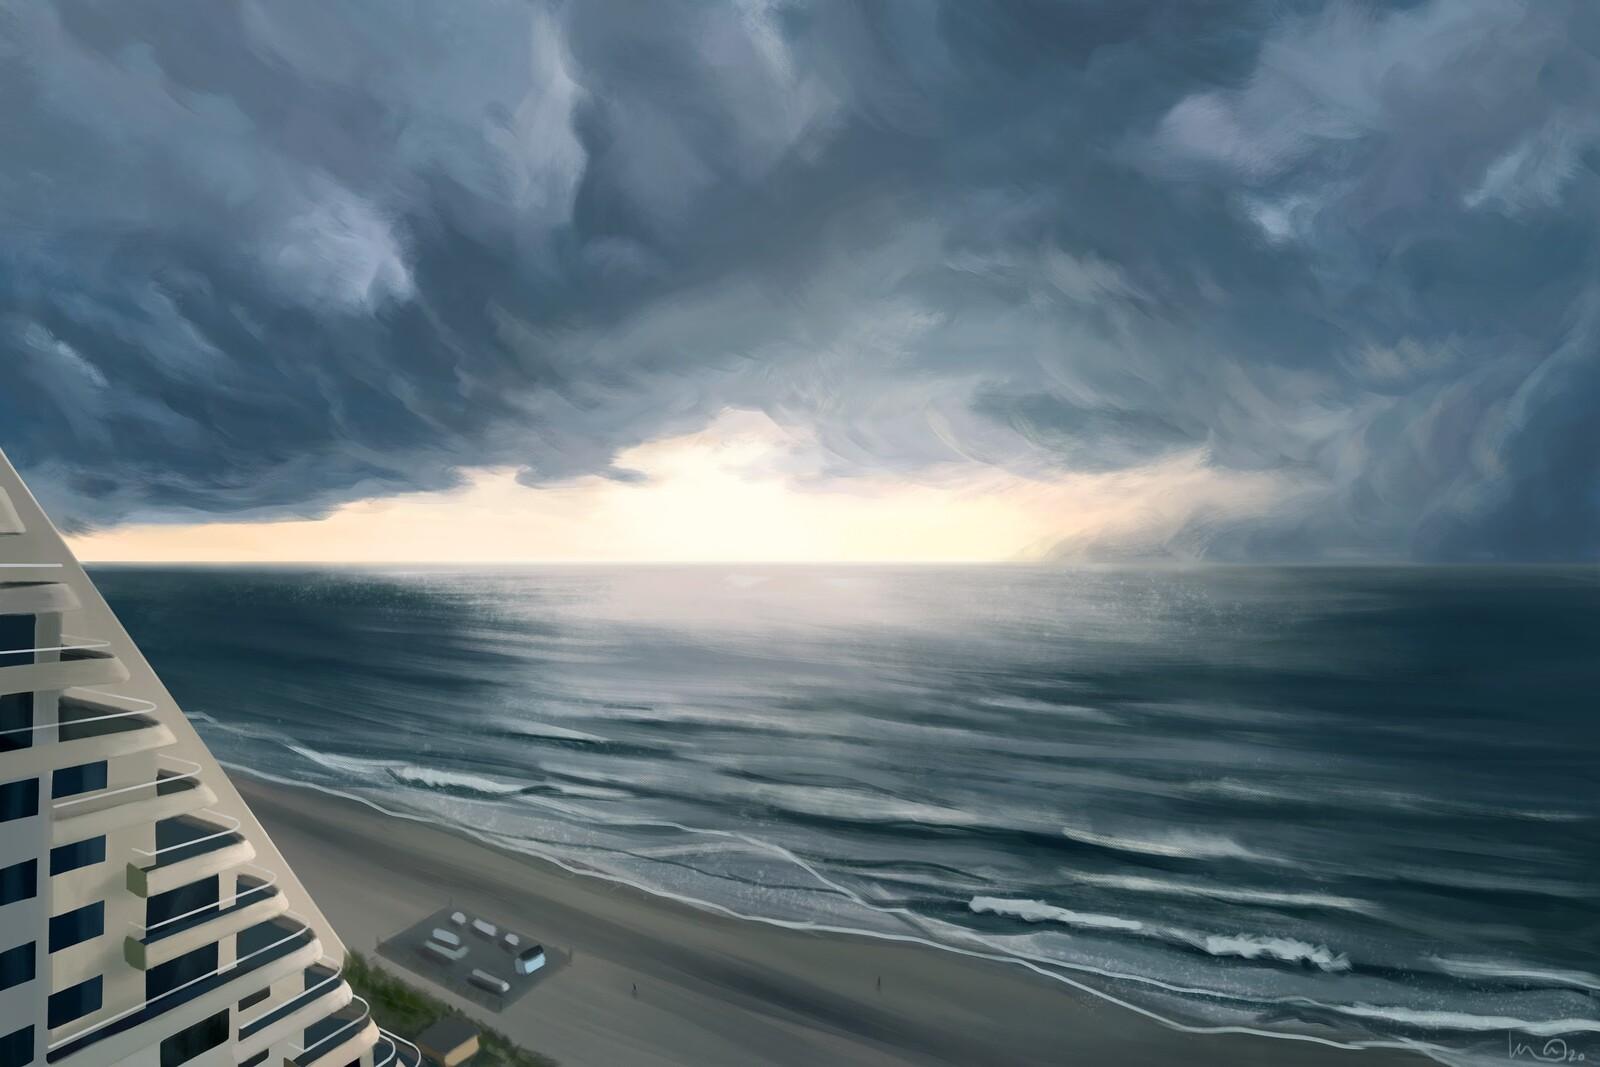 Ocean View, Part 2